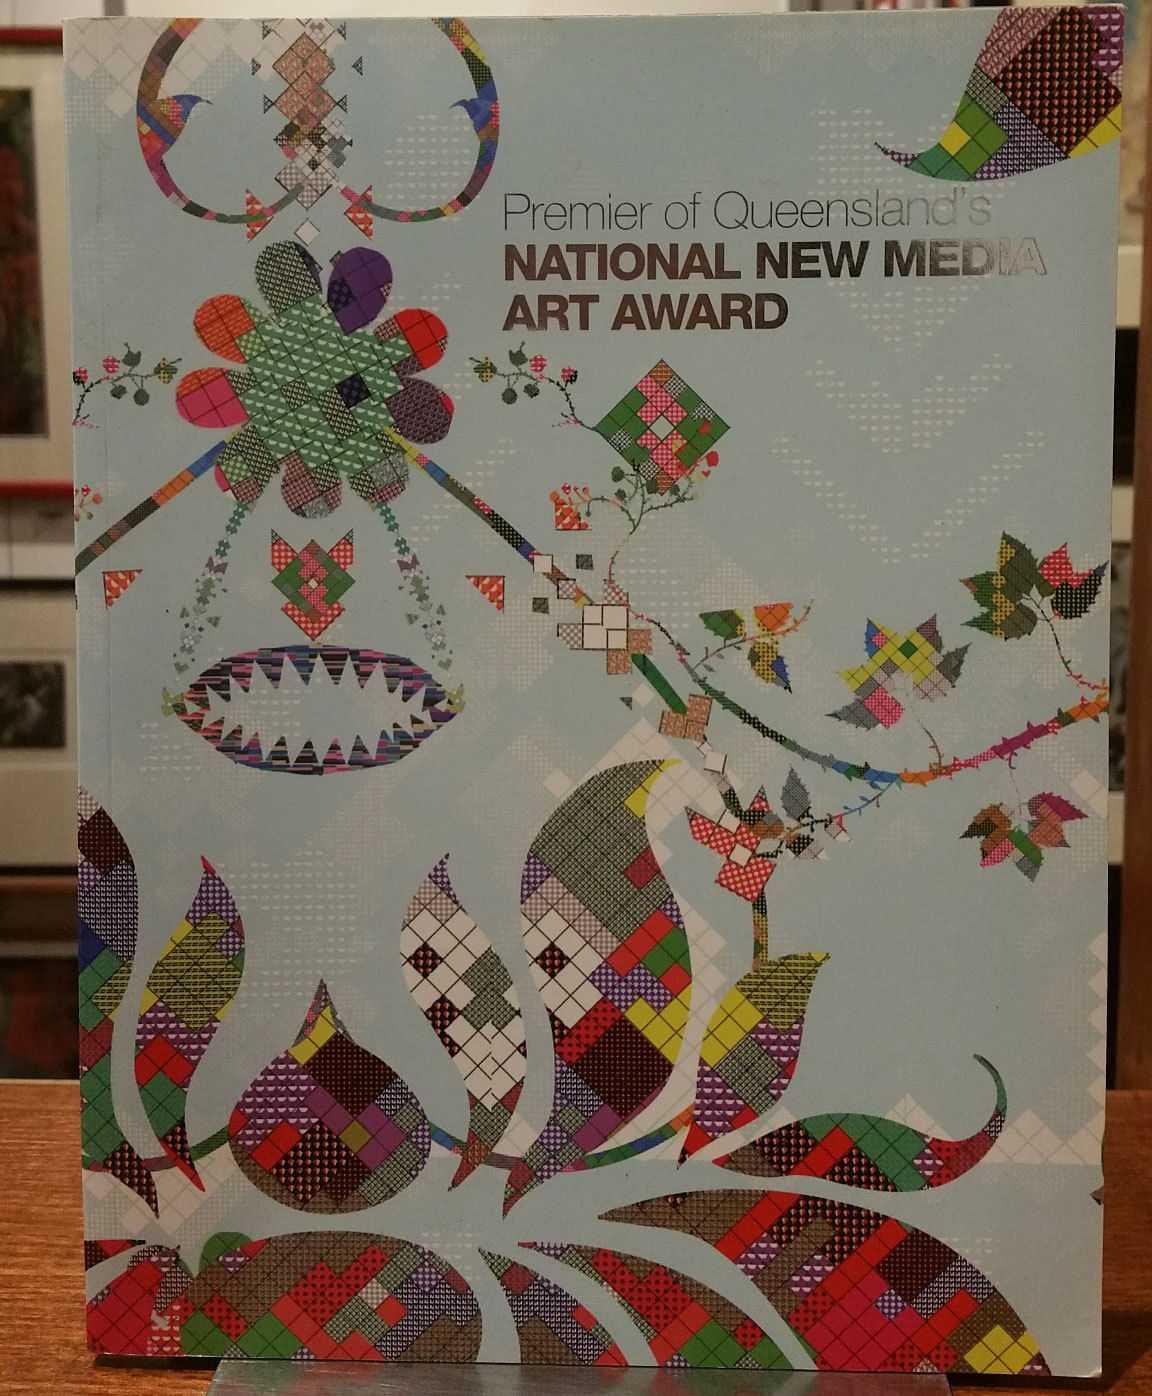 Premier of Queensland's national art award in new media, Queensland Art Gallery